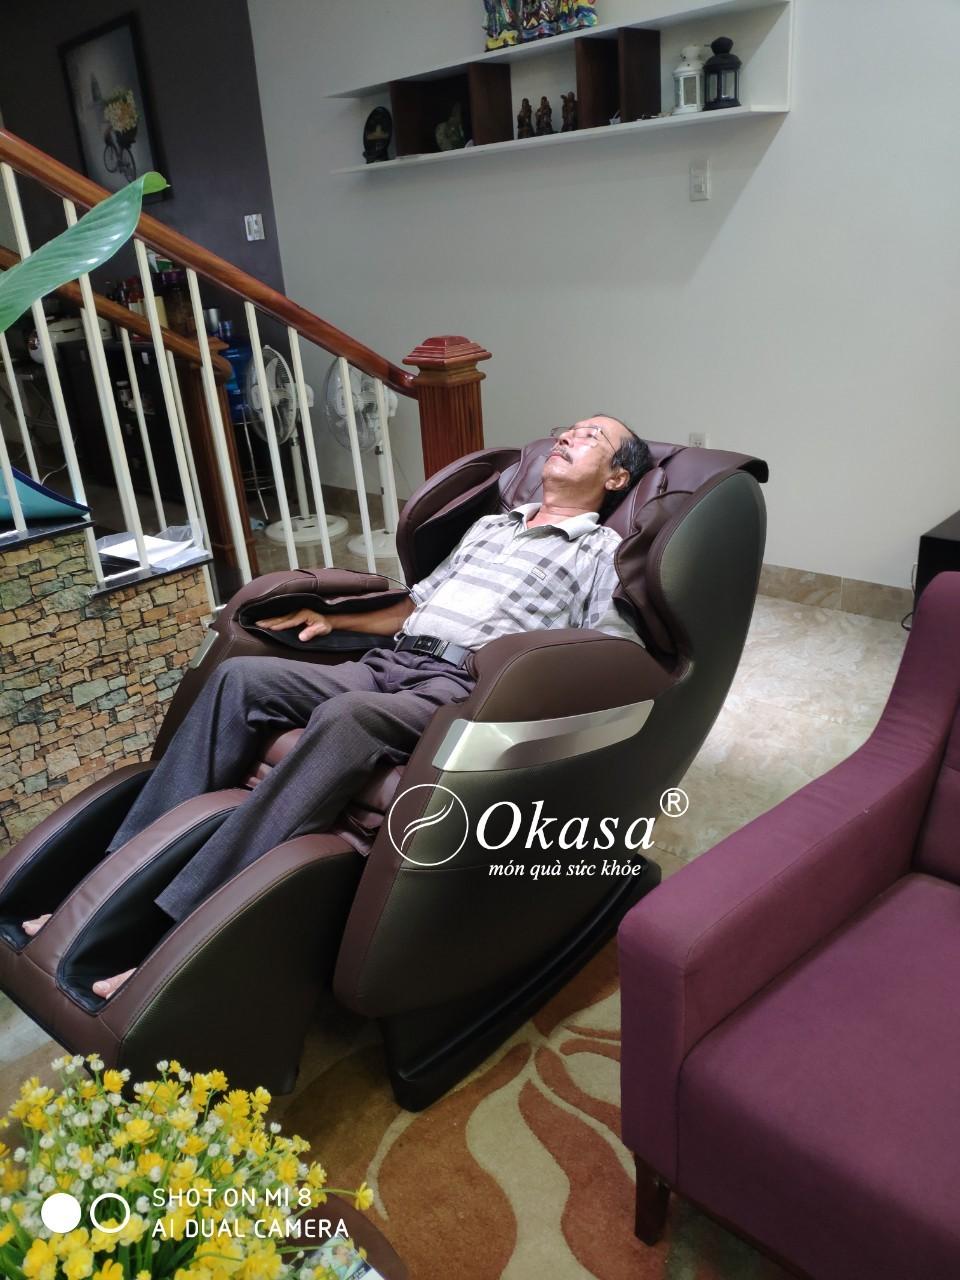 Ghế massage cao cấp có những ưu điểm gì?